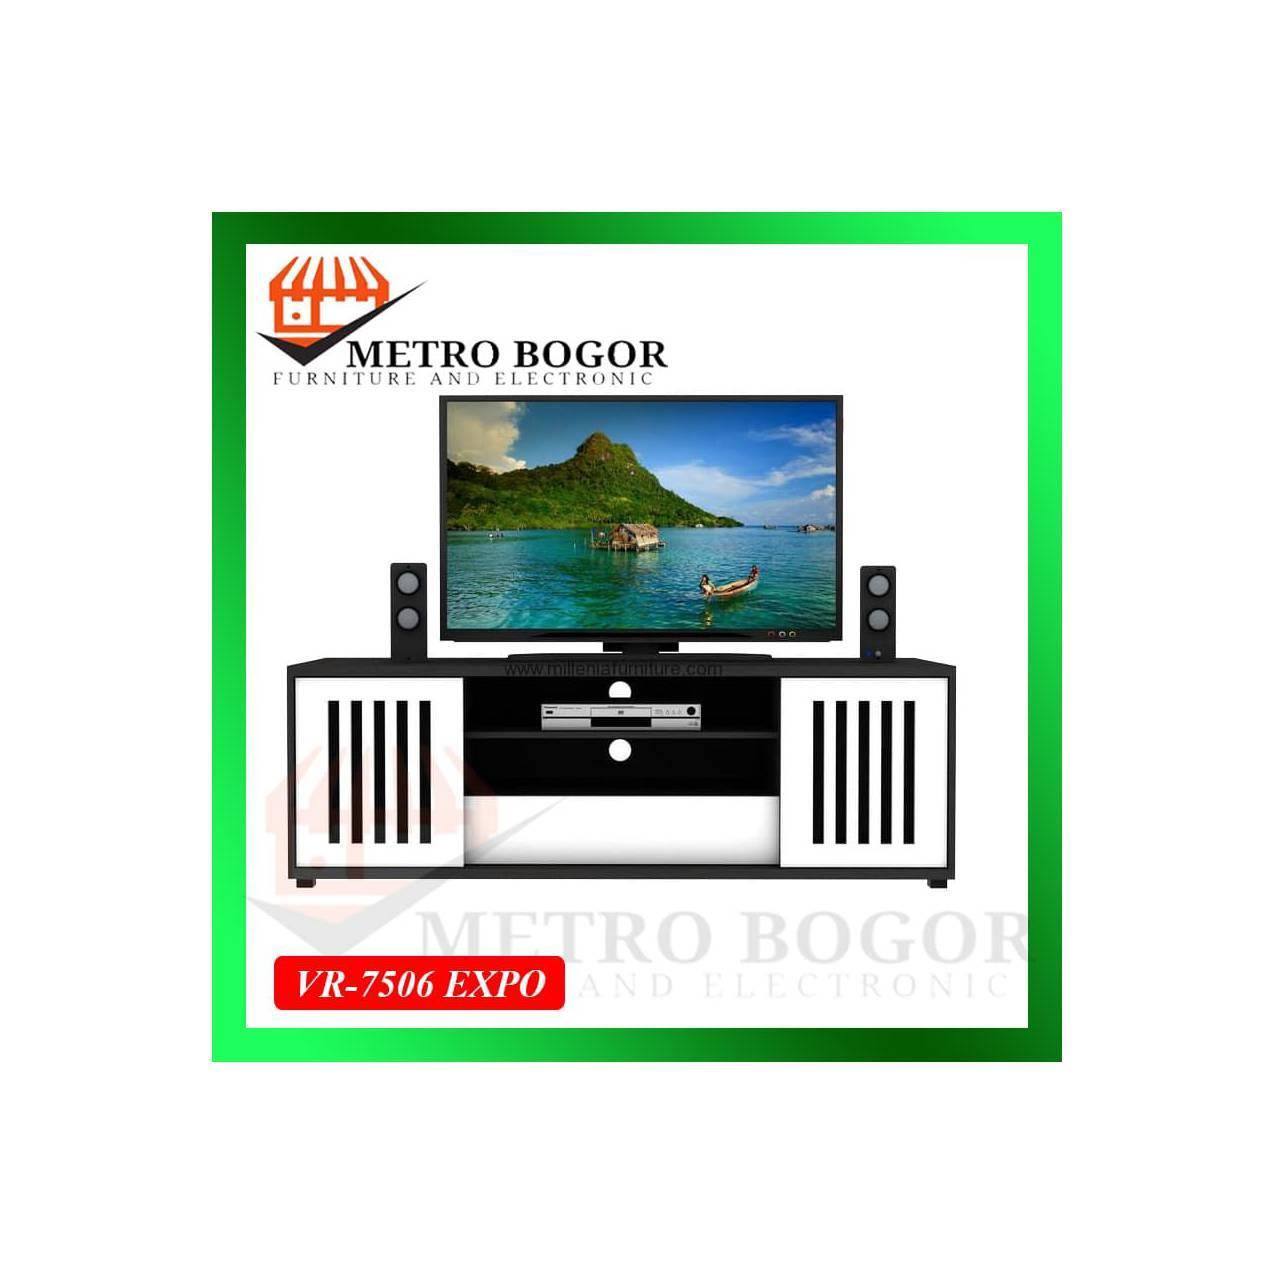 Expo Wall Unit Rak Tv 8214 Walnut2 Update Harga Terkini Dan Fcenter Lemari Pakaian Wd Hk 1802 Sh Jawa Tengah Vr 7506 Murah